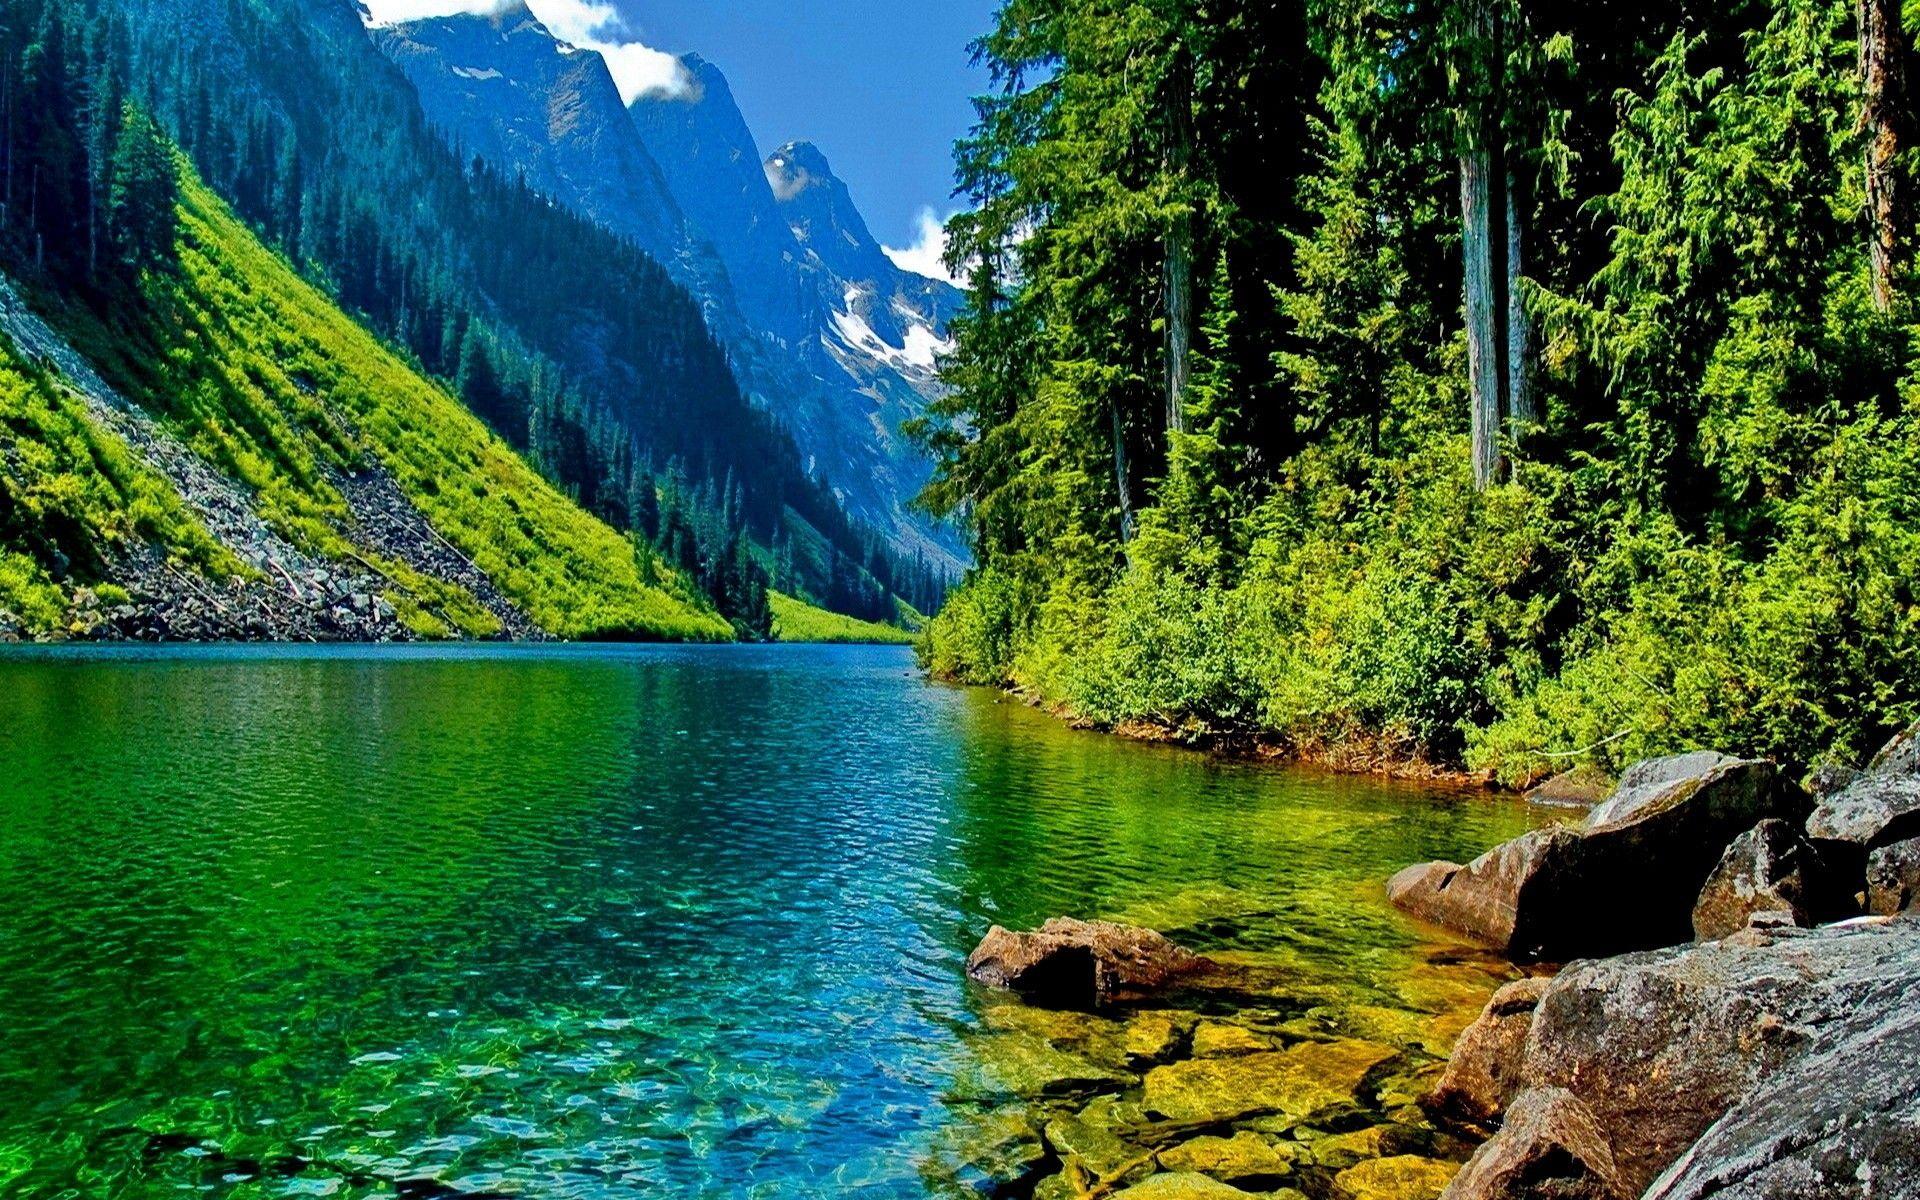 Beautiful Landscape Mountain River Hd Desktop Wallpaper Hd Desktop Beautiful Landscapes Beautiful Nature Nature Images